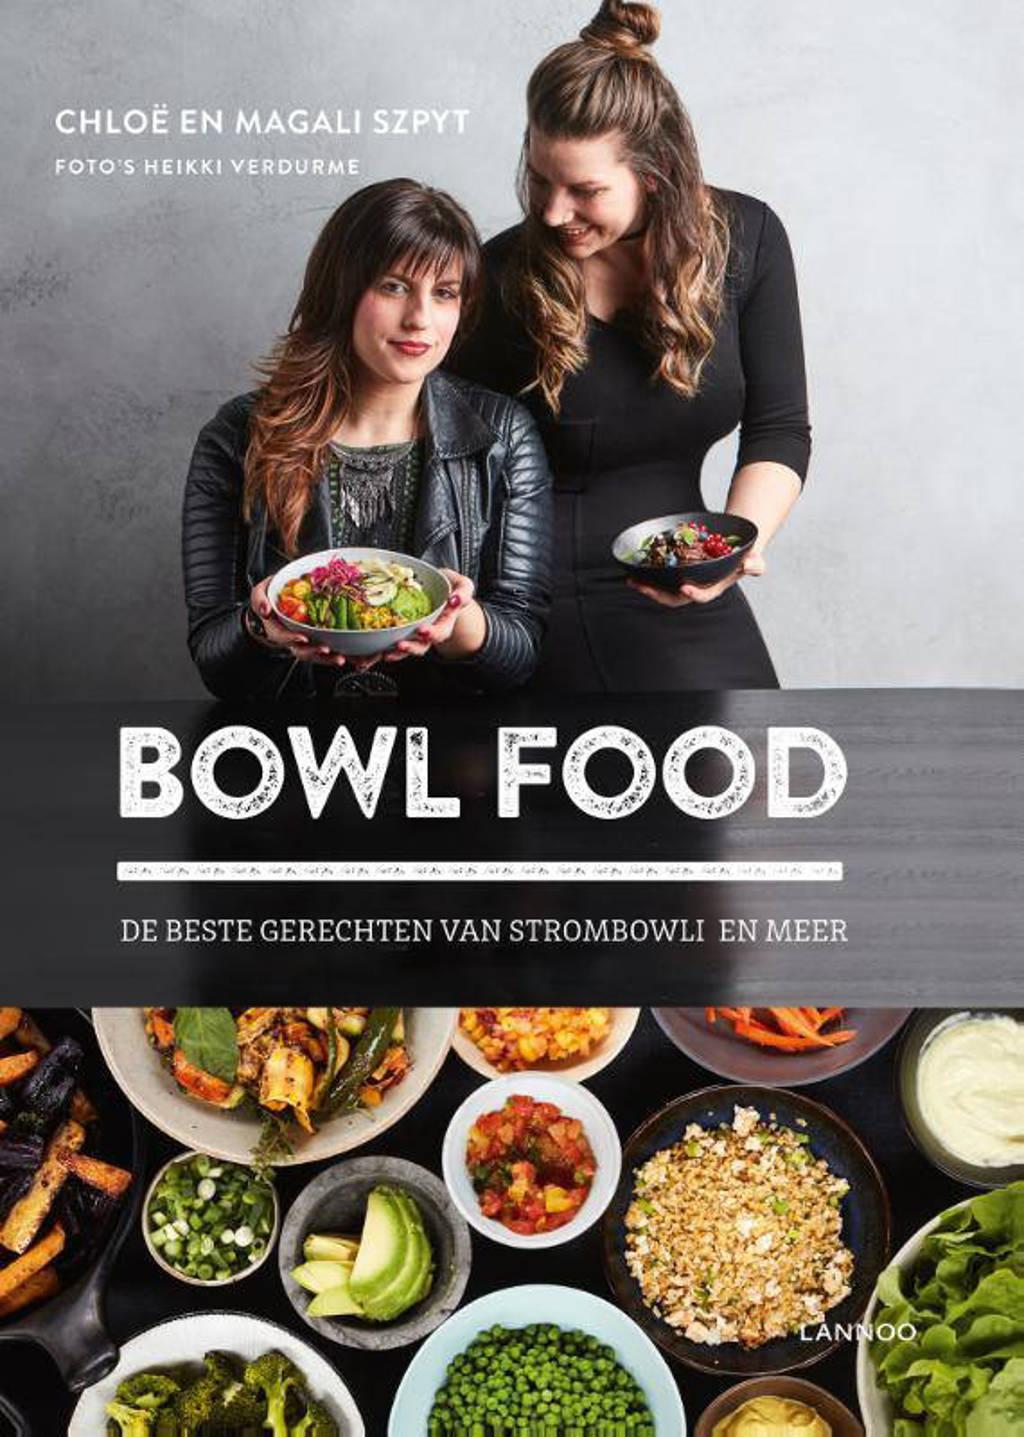 Bowl food - Chloë Szpyt, Magali Szpyt en Heikki Verdurme